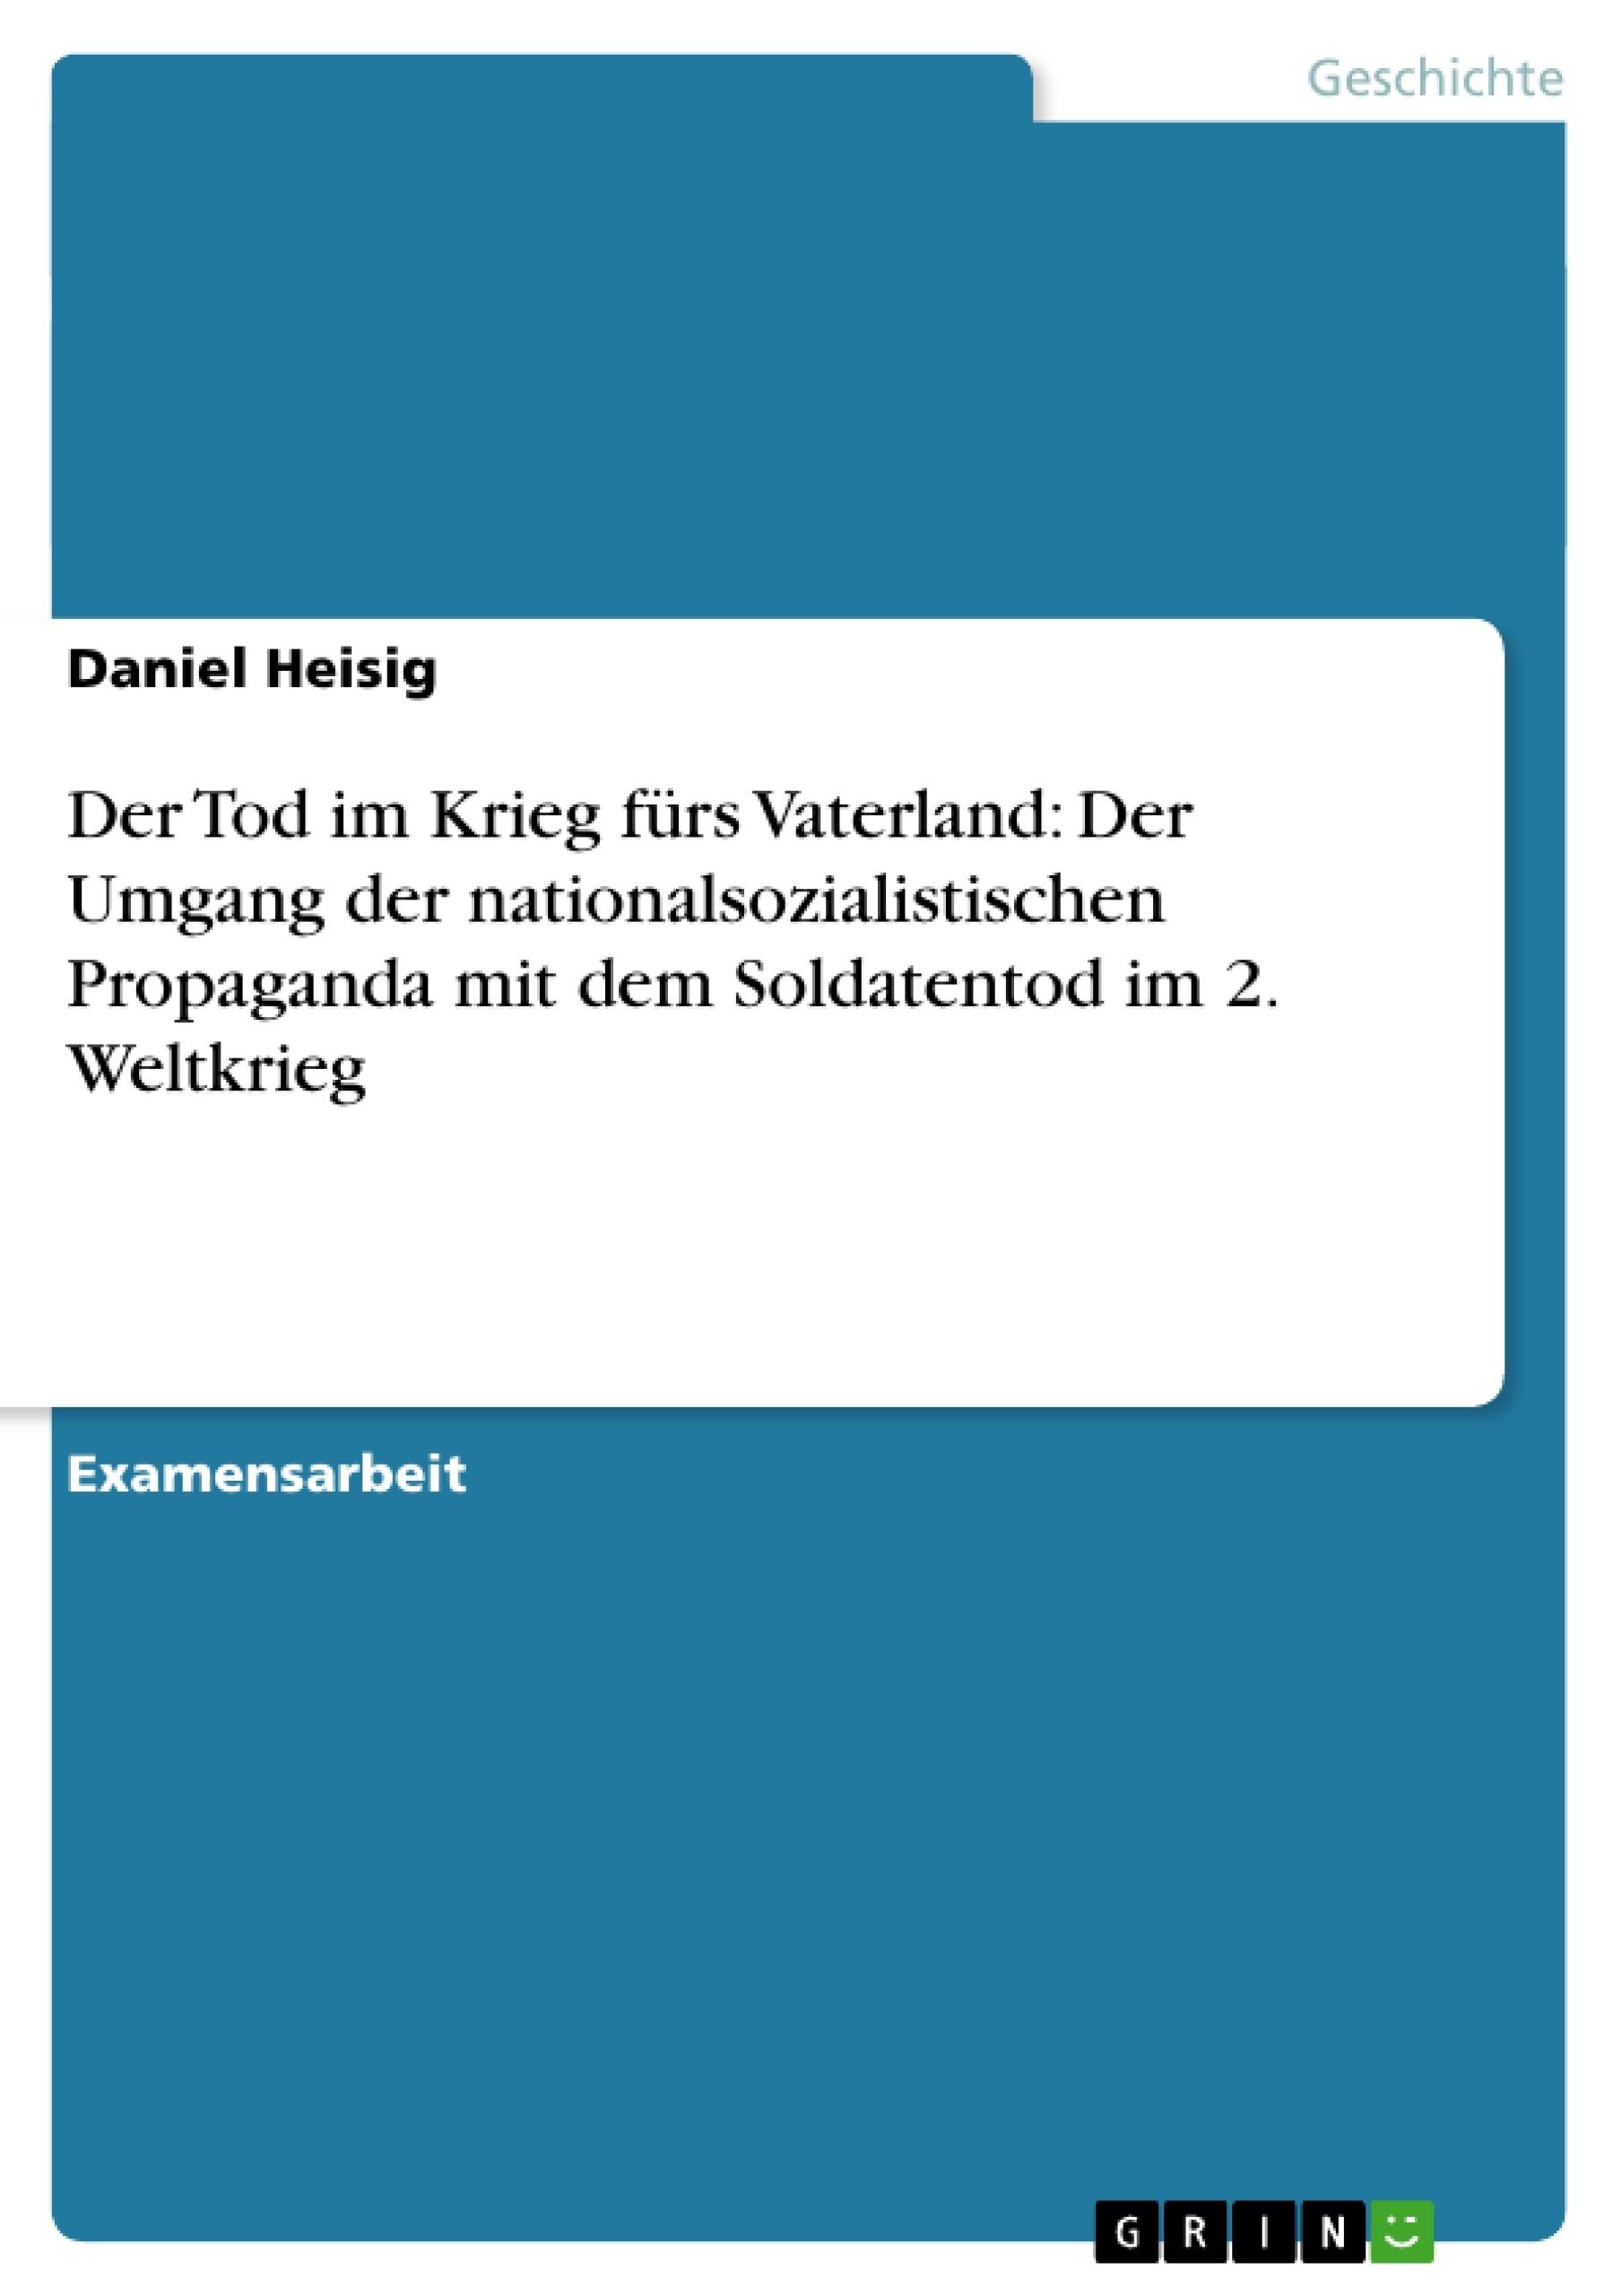 Titel: Der Tod im Krieg fürs Vaterland: Der Umgang der nationalsozialistischen Propaganda mit dem Soldatentod im 2. Weltkrieg